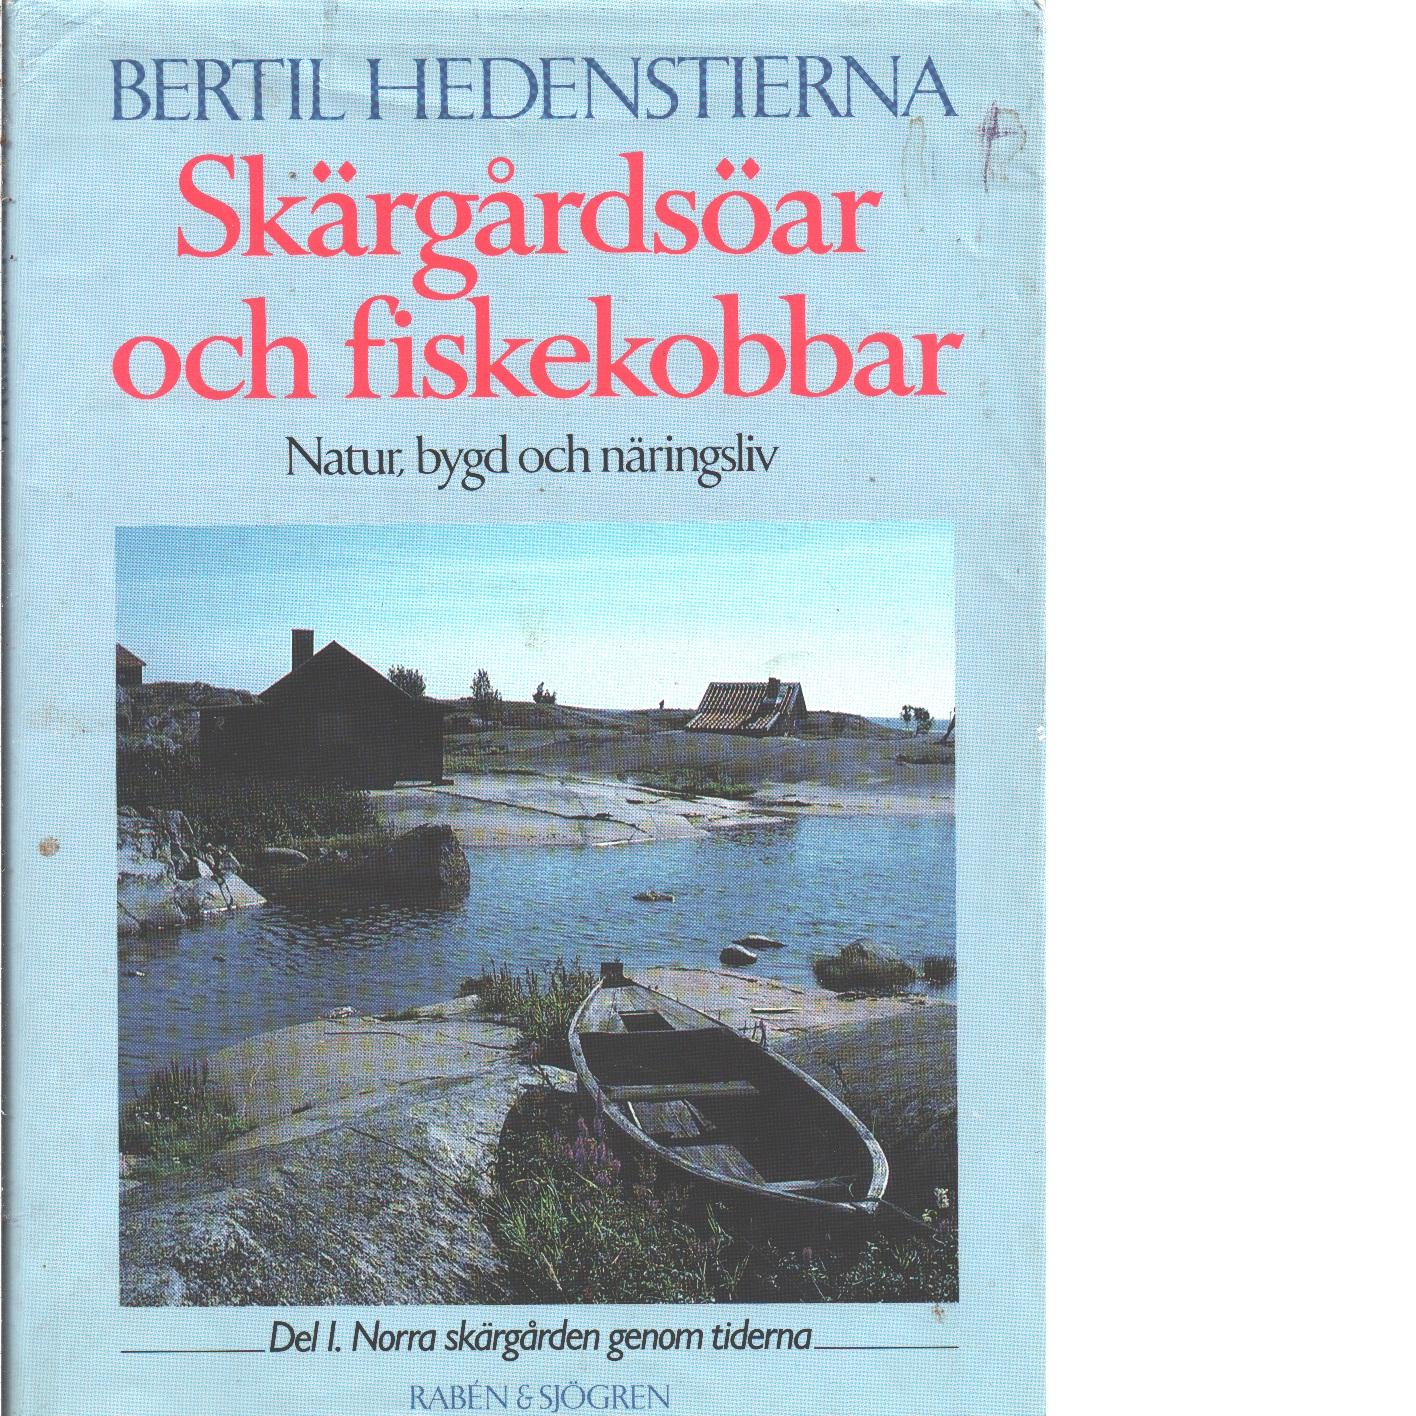 Skärgårdsöar och fiskekobbar : natur, bygd och näringsliv i Stockholms skärgård. D. 1, Norra skärgården genom tiderna - Hedenstierna, Bertil